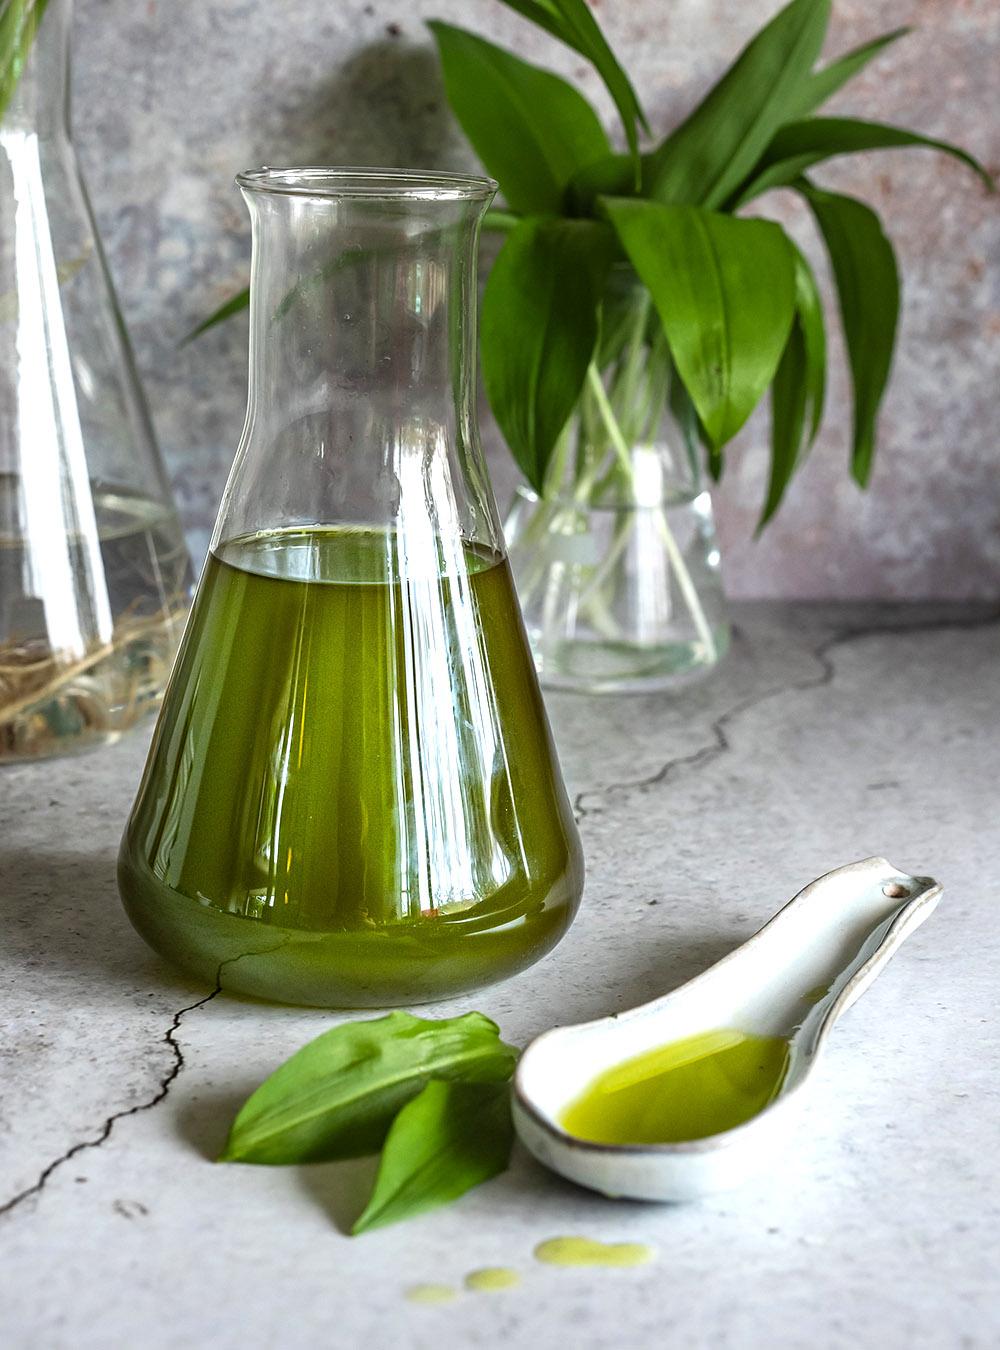 Bärlauchöl schnell und einfach selbstgemacht - sehr aromatischer, warmer Ölauszug